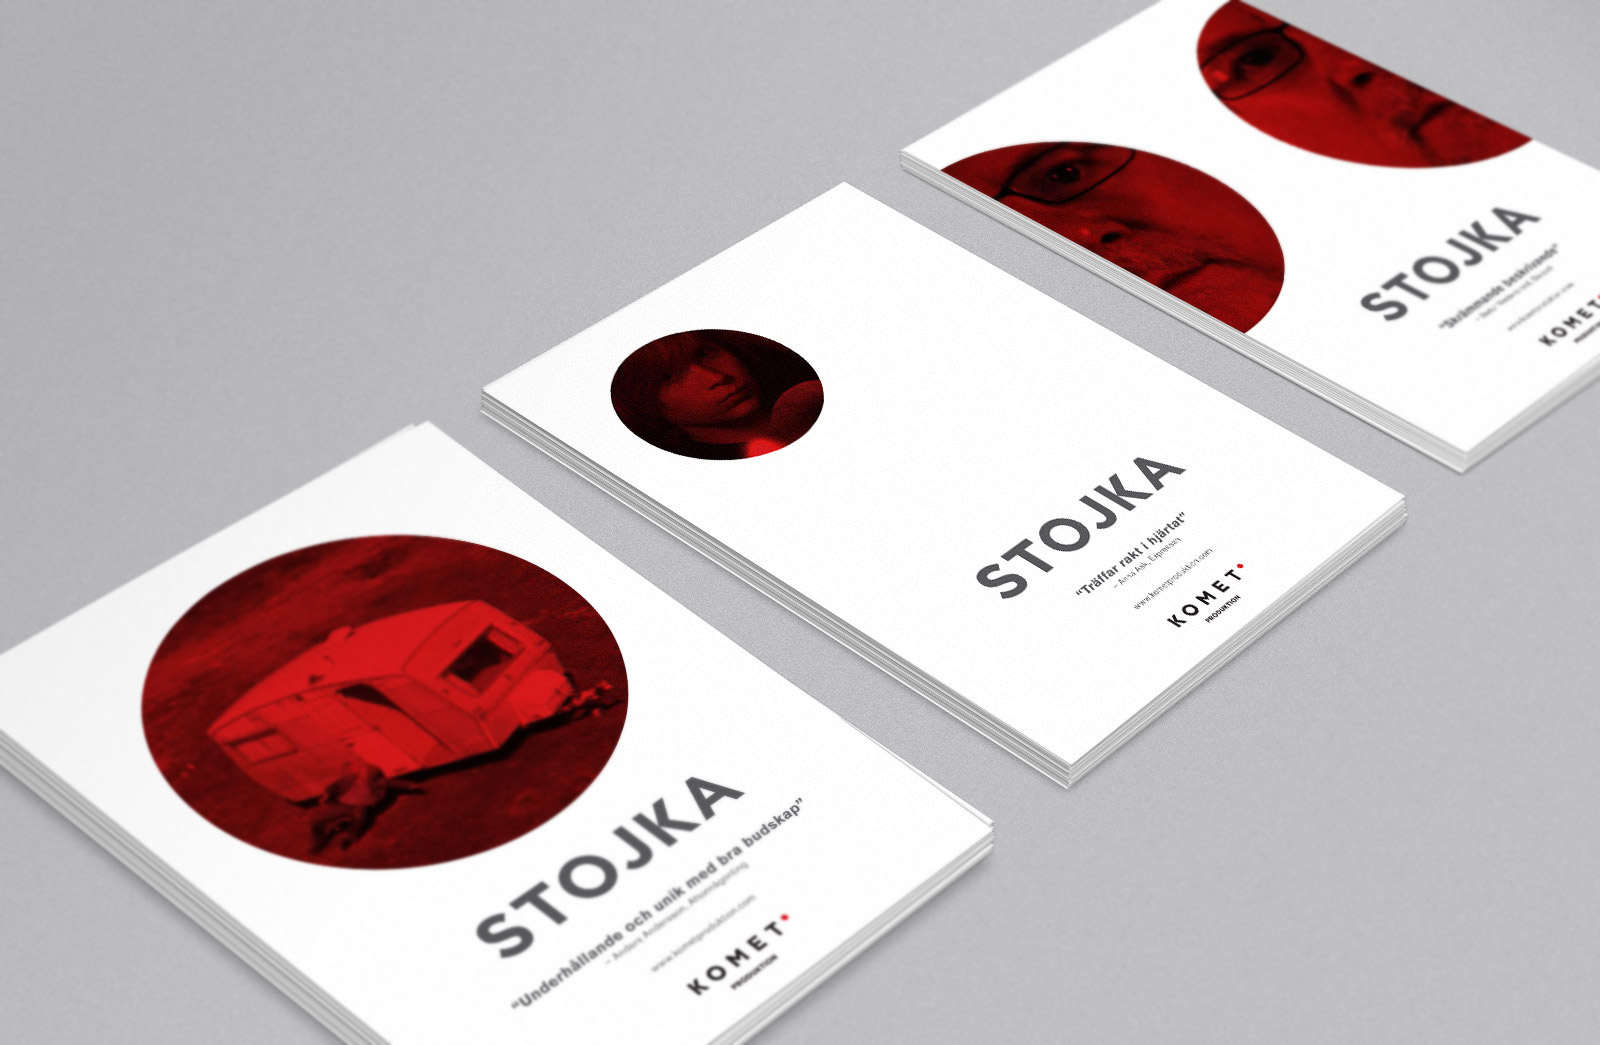 08_Komet_Poster1